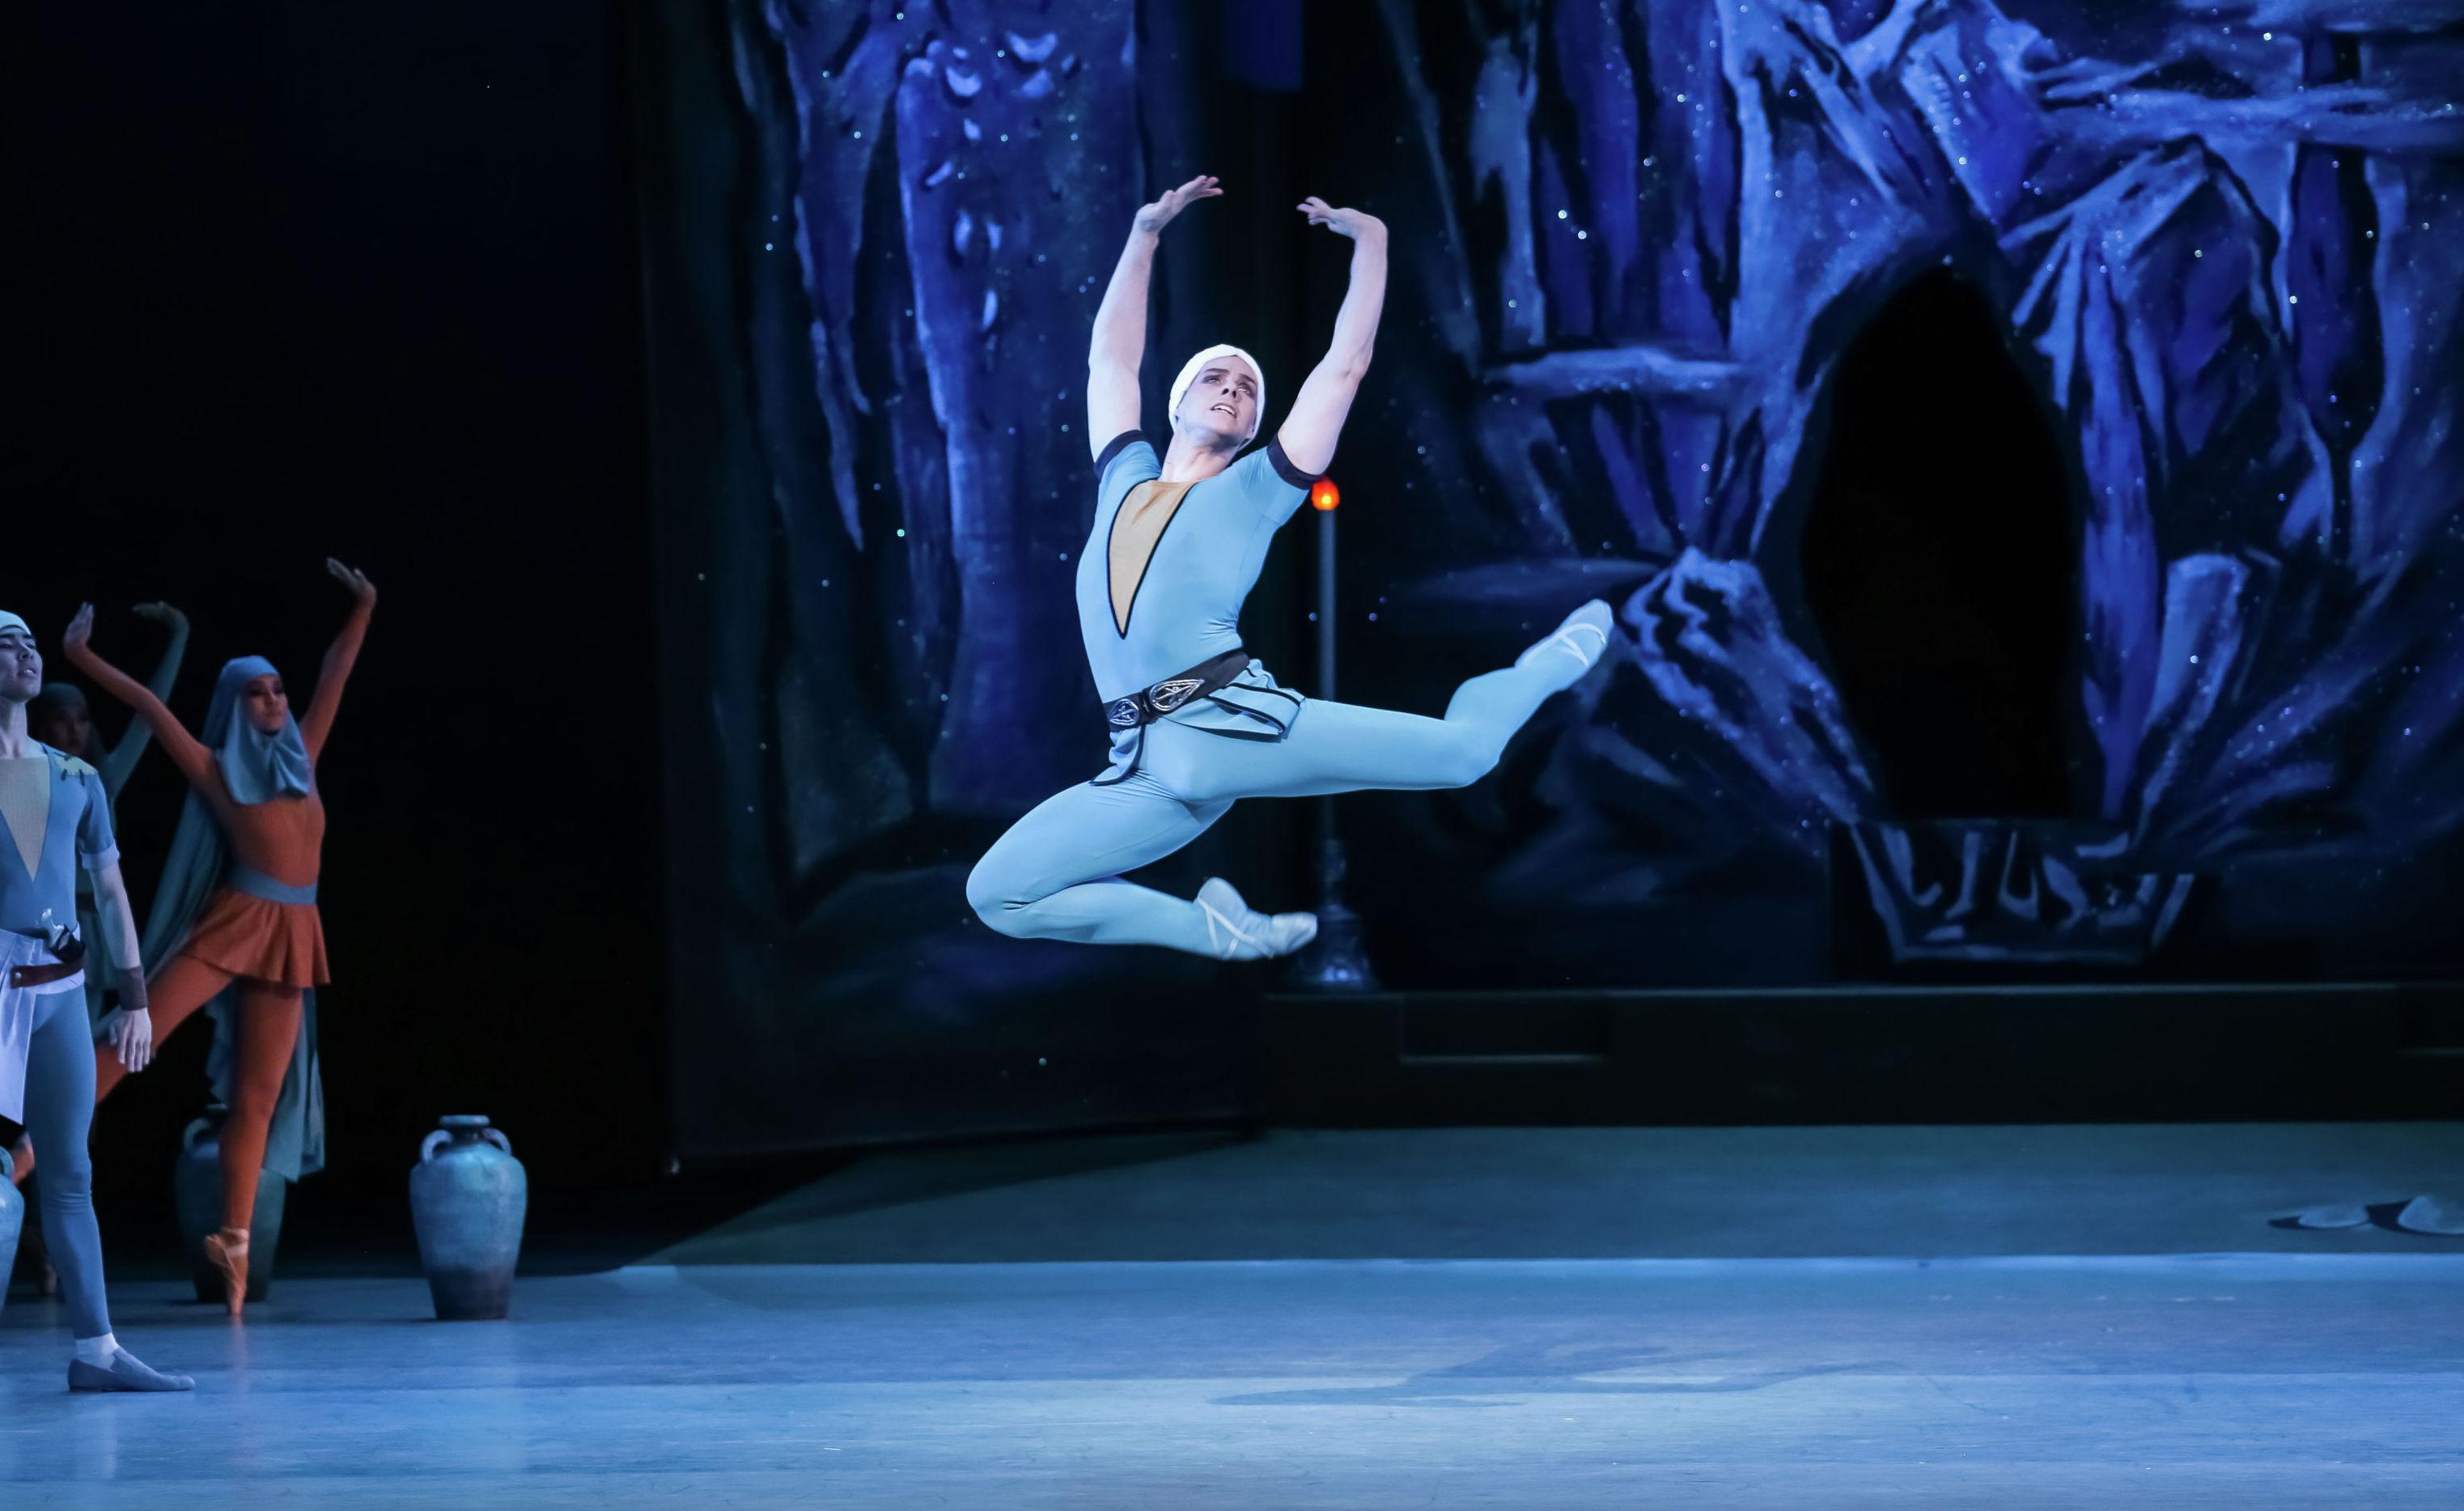 Ведущий солист театра Астана Балет - Илья Манаенков, исполнивший партию Ферхада во второй премьерный день